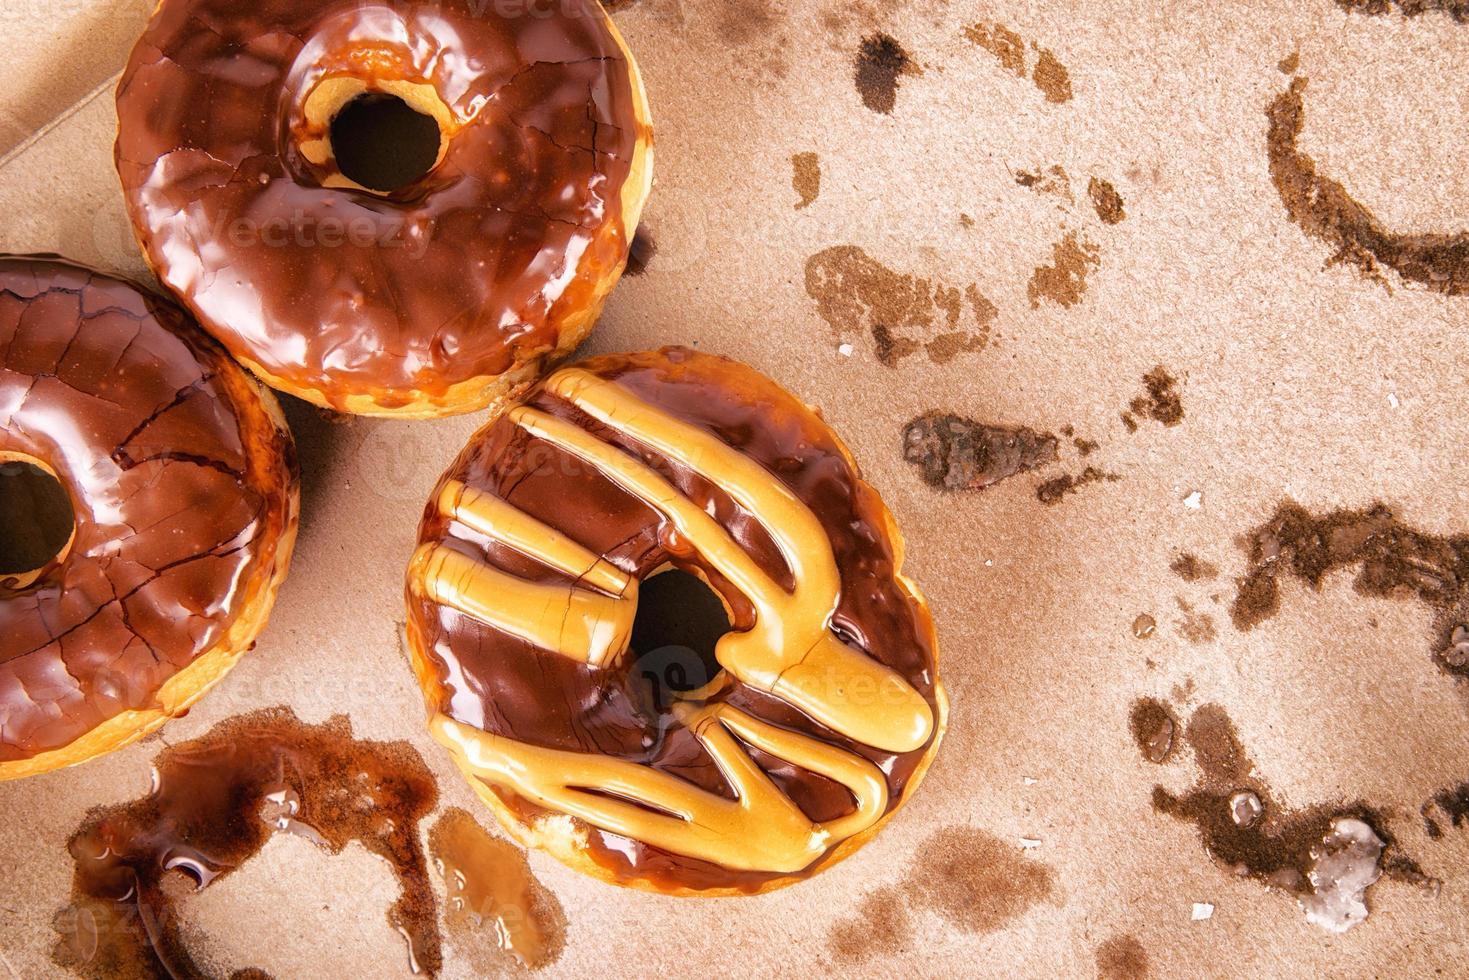 papieren doos met zoete donuts foto